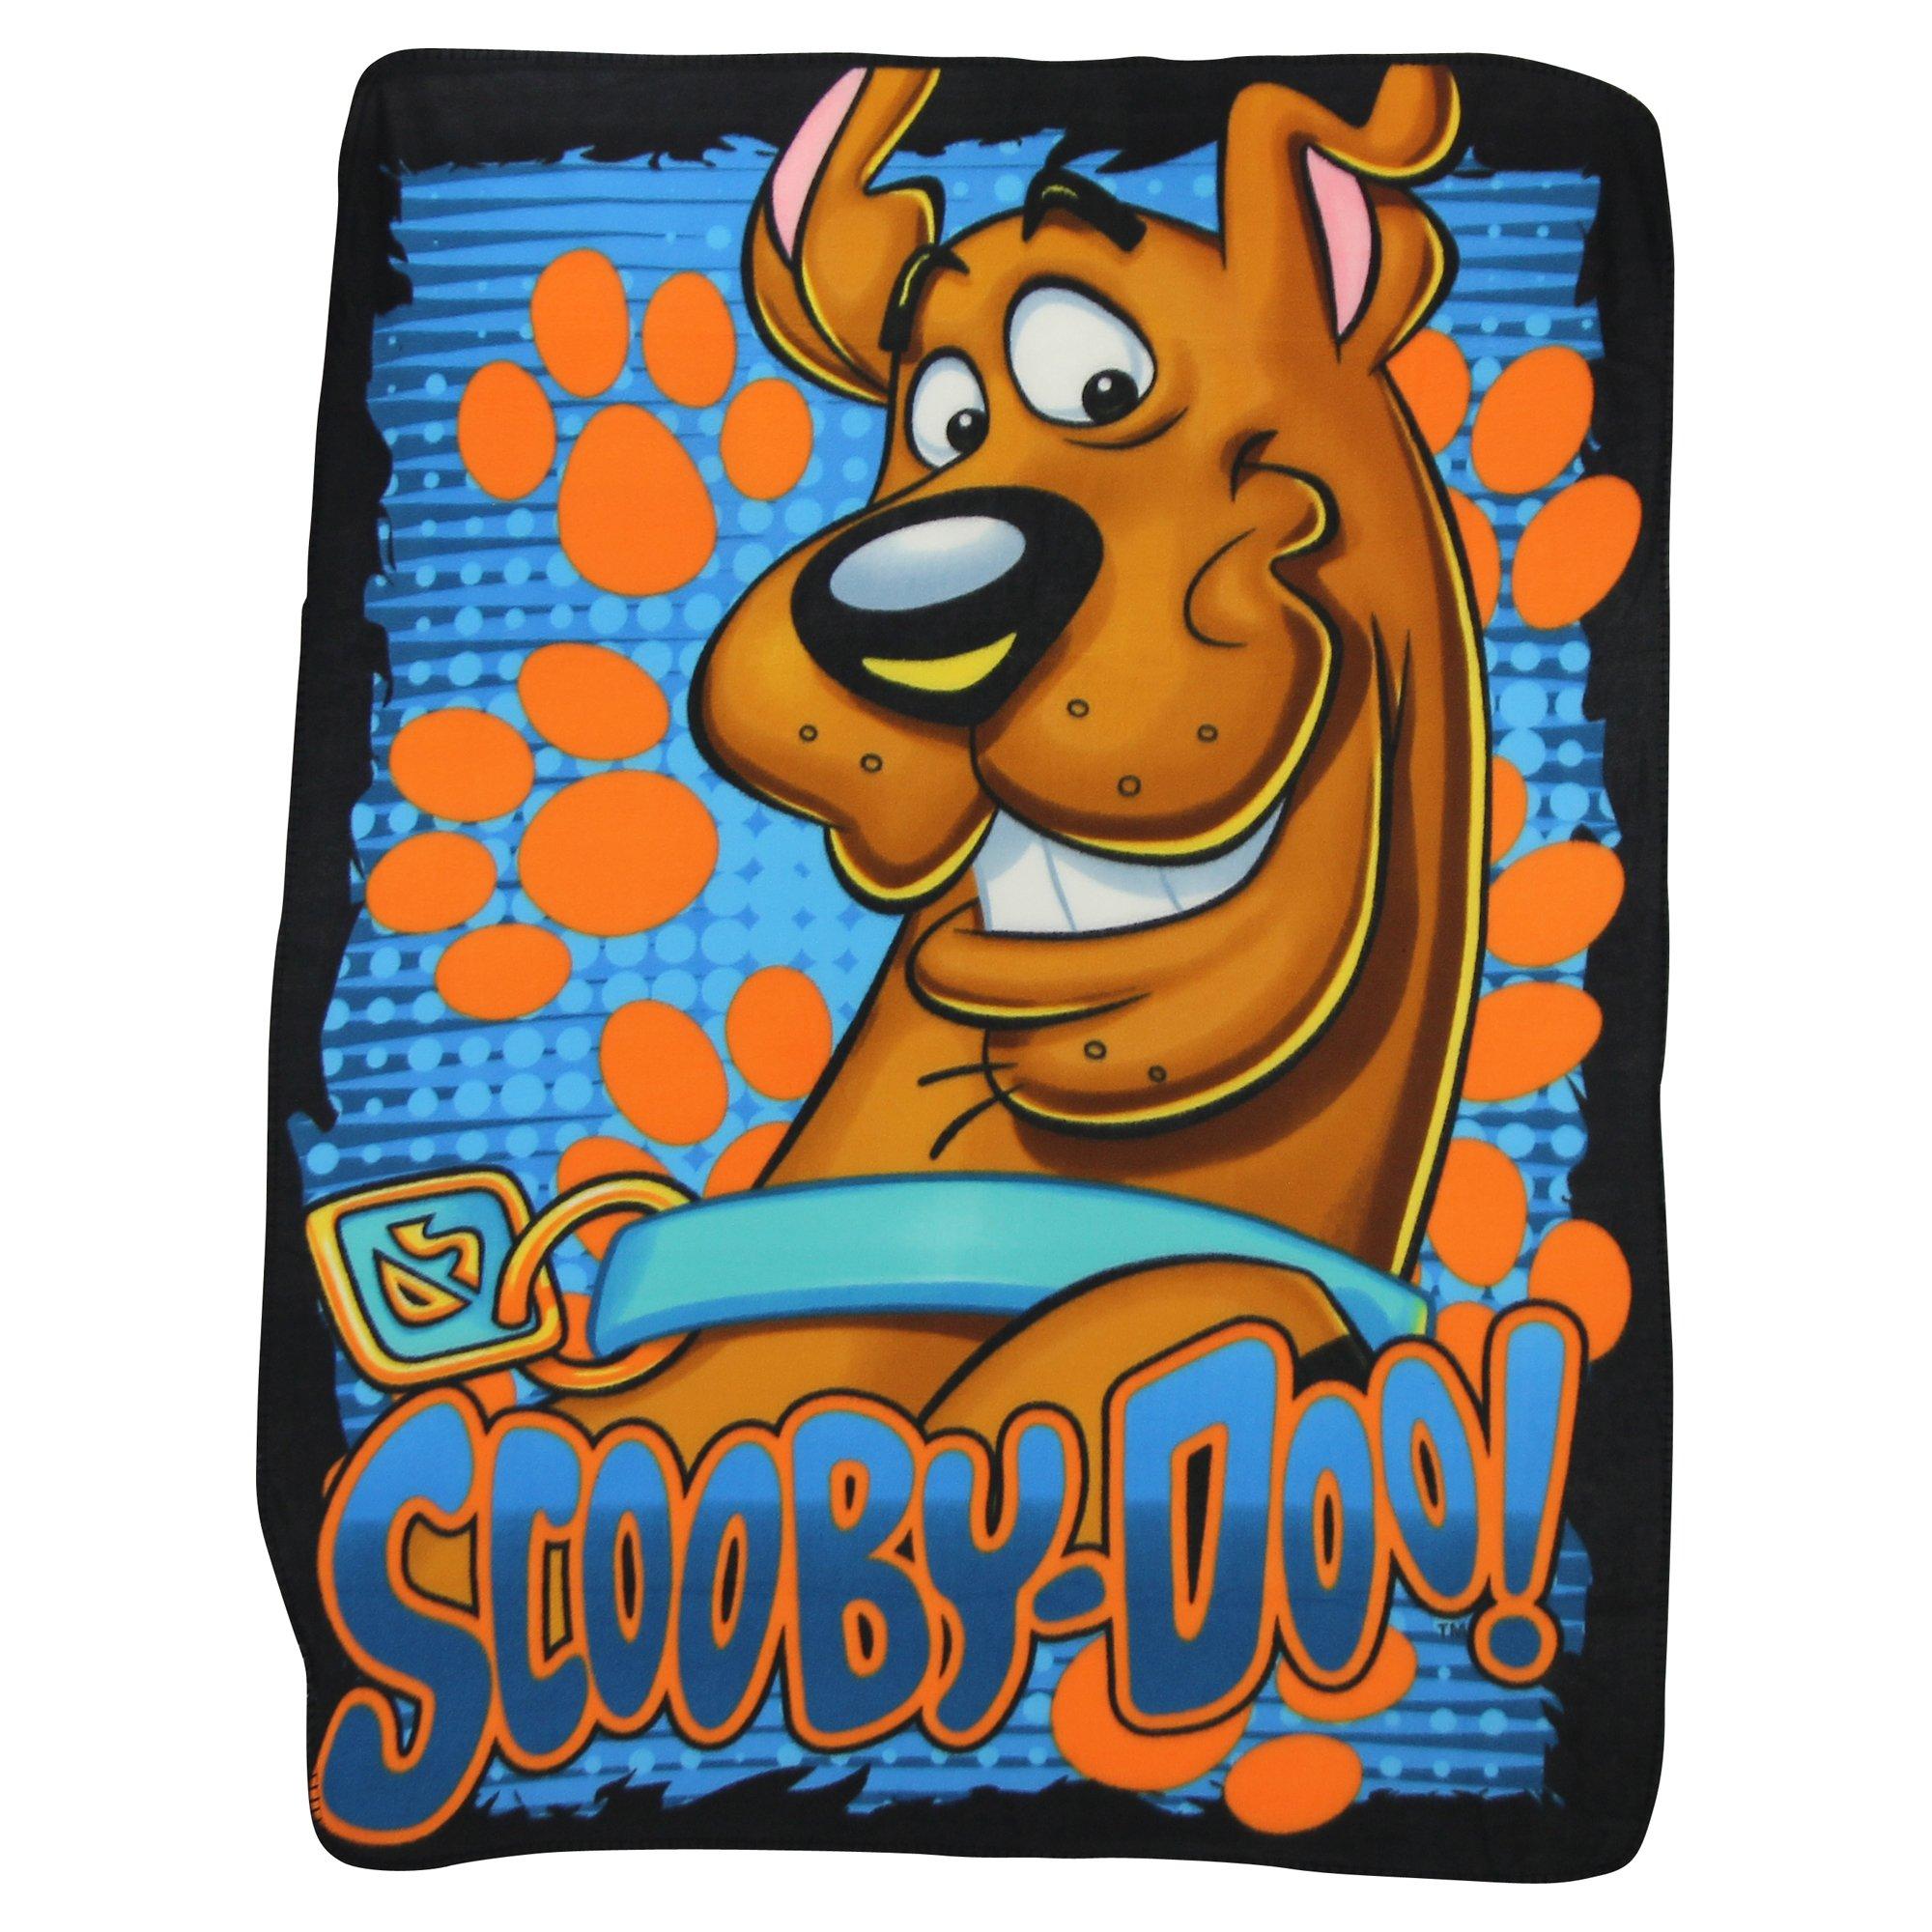 Northwest Kids Fleece Throw Blankets 45'' x 60'' Several Options (Scooby Doo)